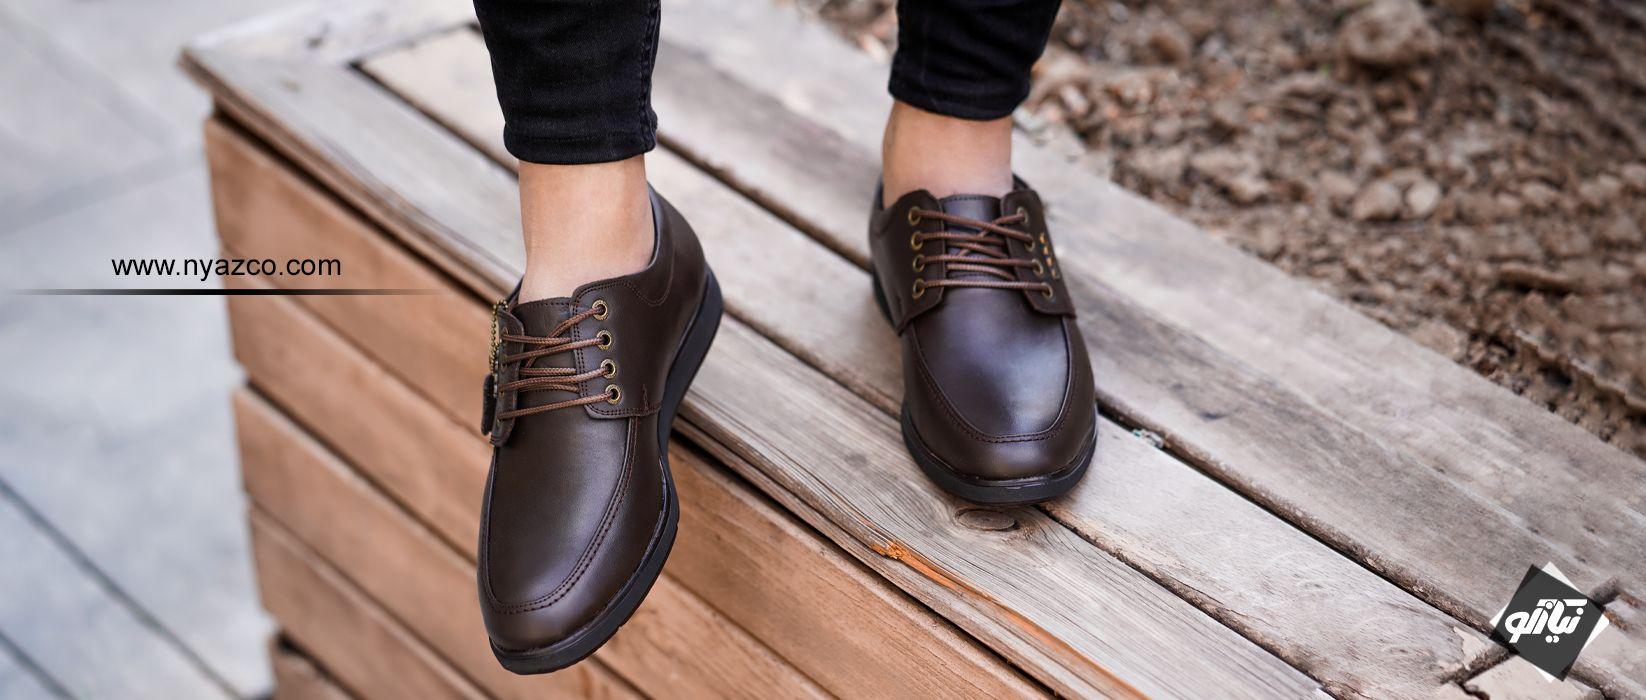 مجموعه کفش های مردانه اکو